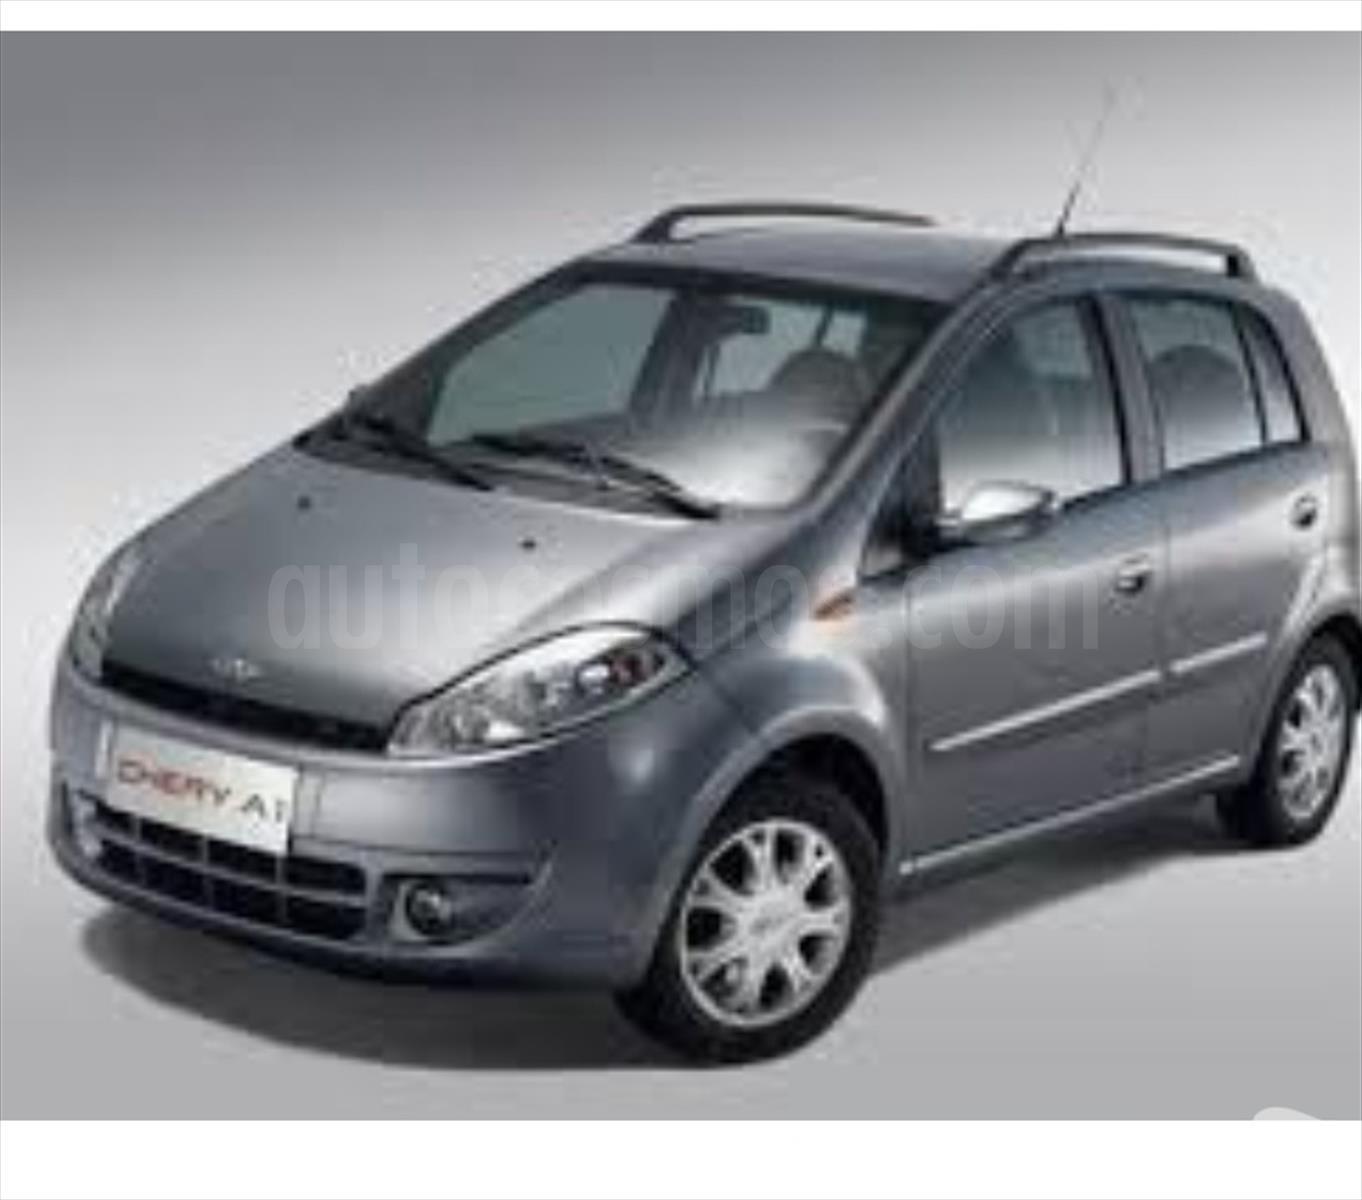 Venta carros usado - Carabobo - Chery Arauca 1.3 Full